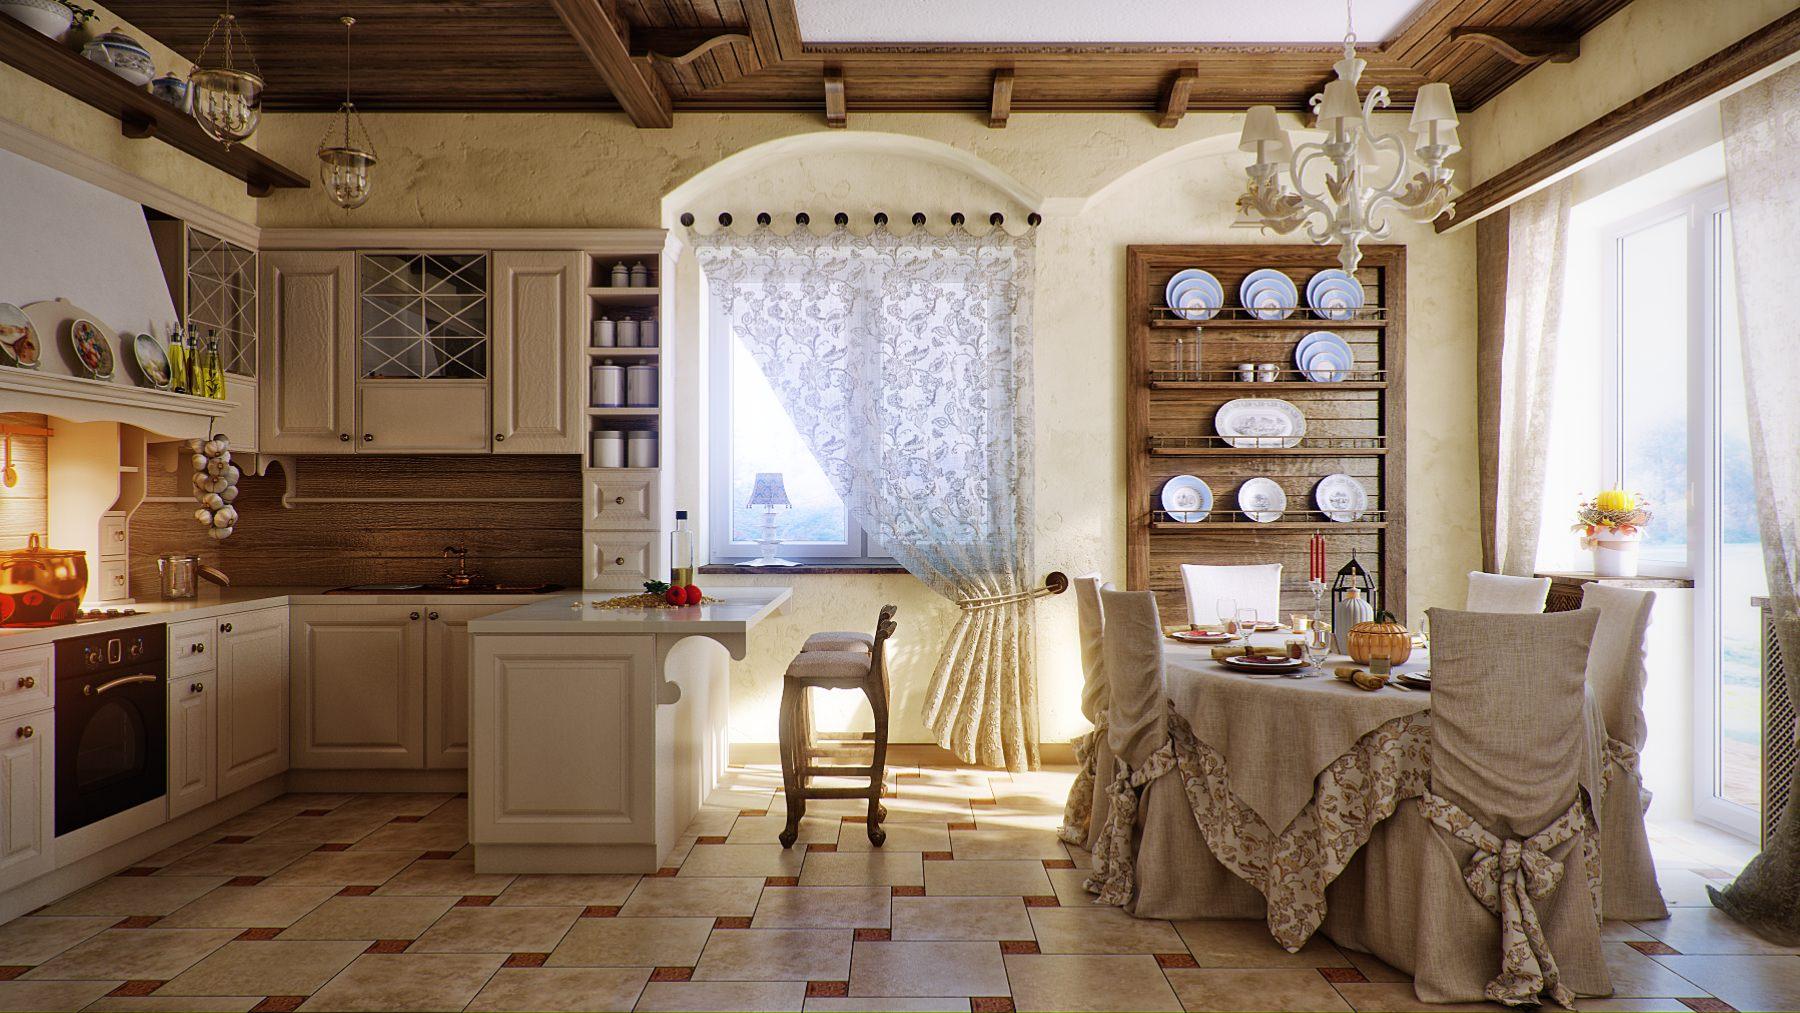 Оформляя кухню во французском стиле прованс, стоит отдать предпочтение светлым и легким шторам